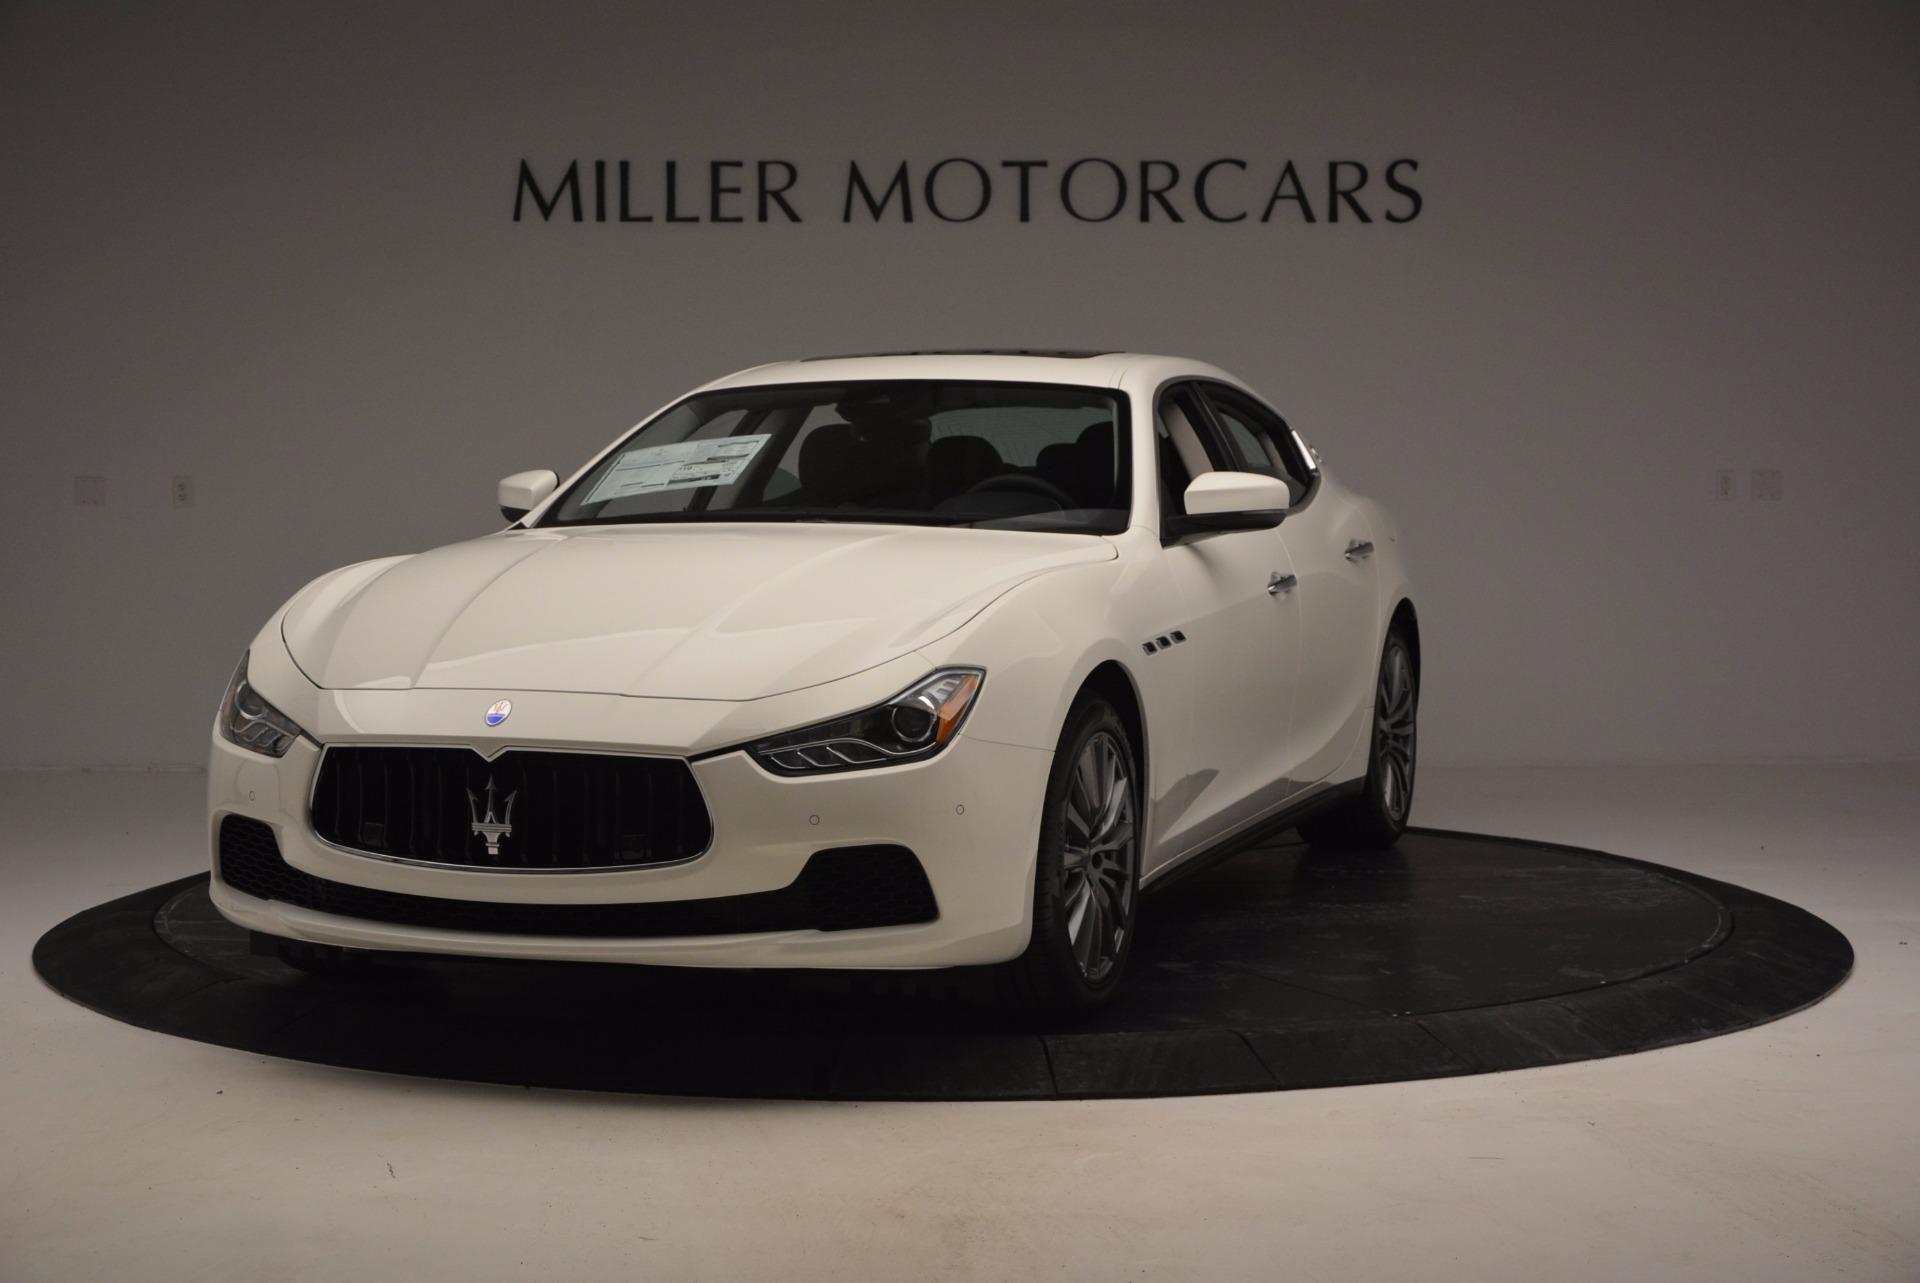 New 2017 Maserati Ghibli SQ4 For Sale In Westport, CT 724_main